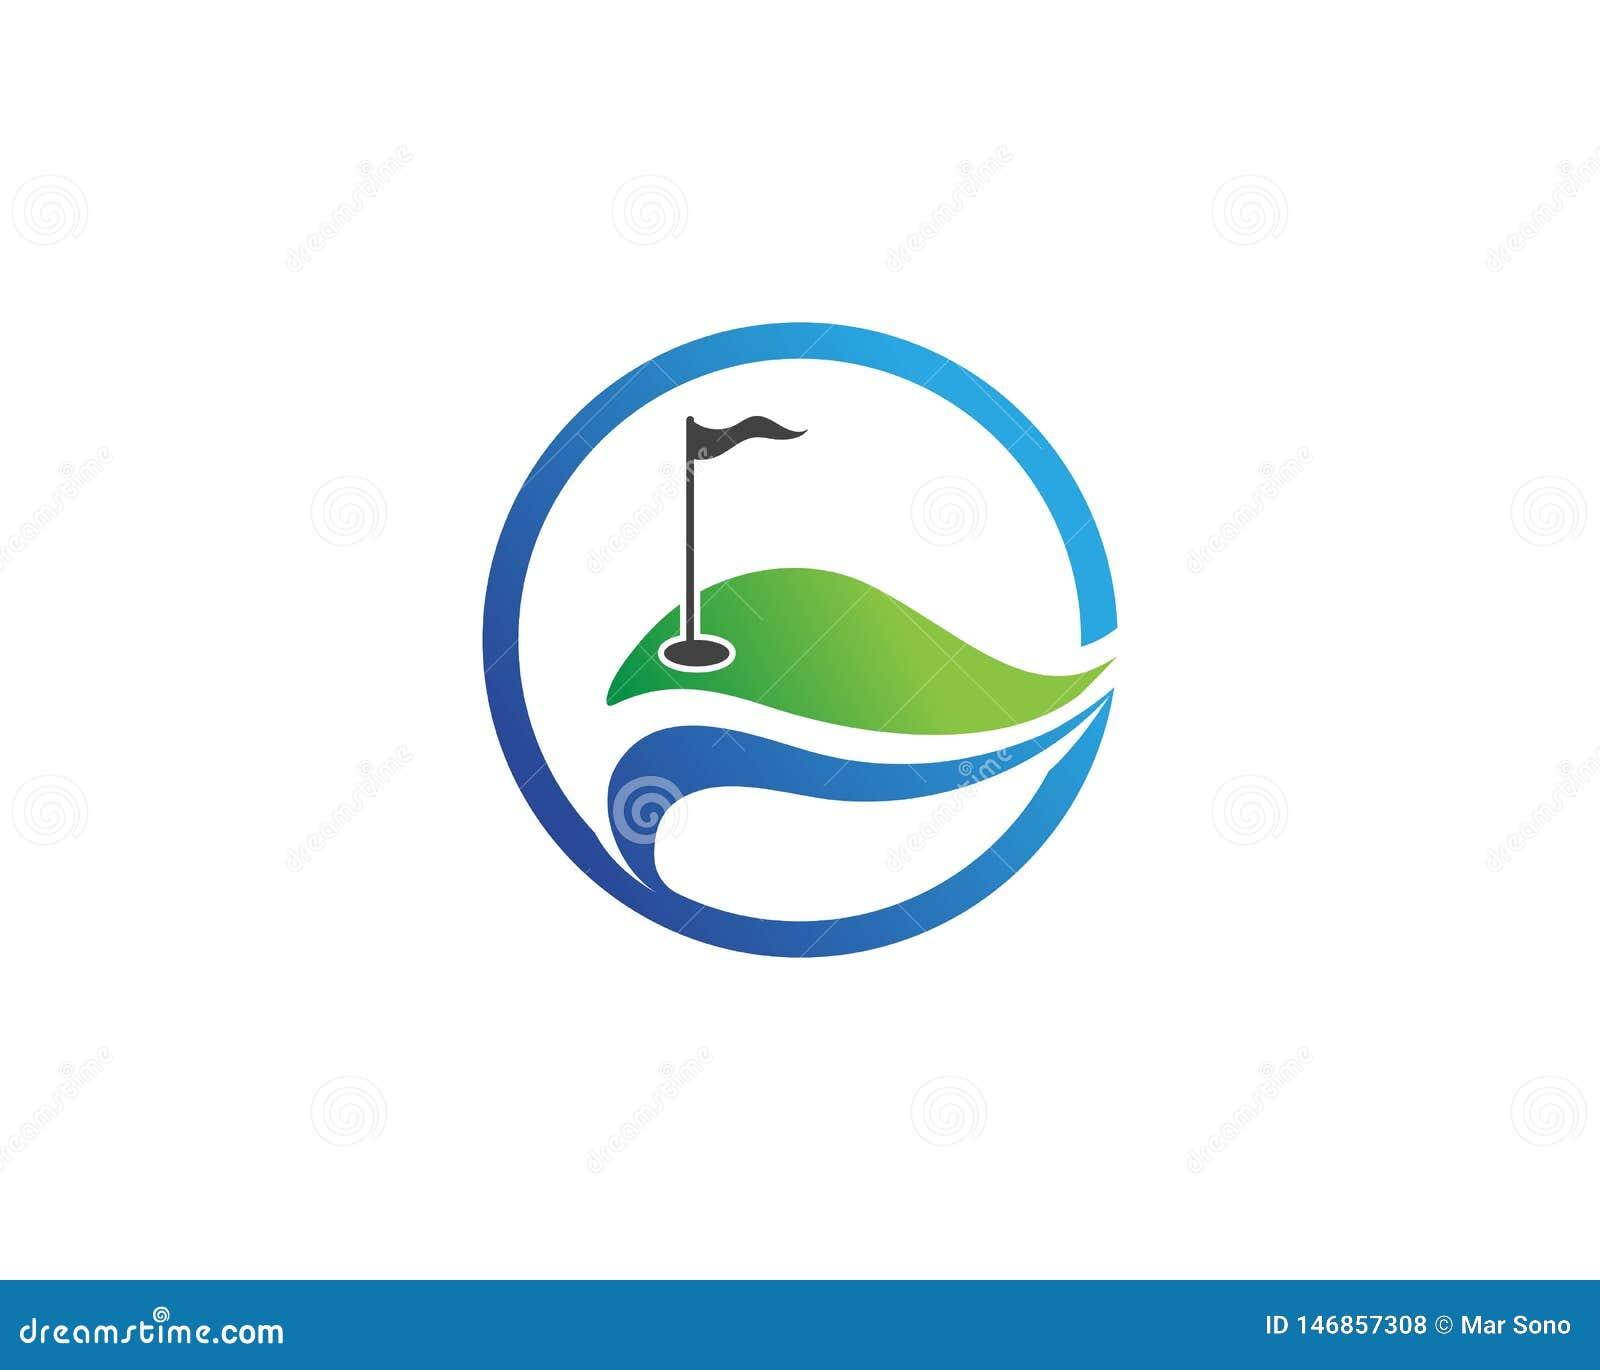 Elementos de los s?mbolos de los iconos del club de golf e im?genes del vector del logotipo